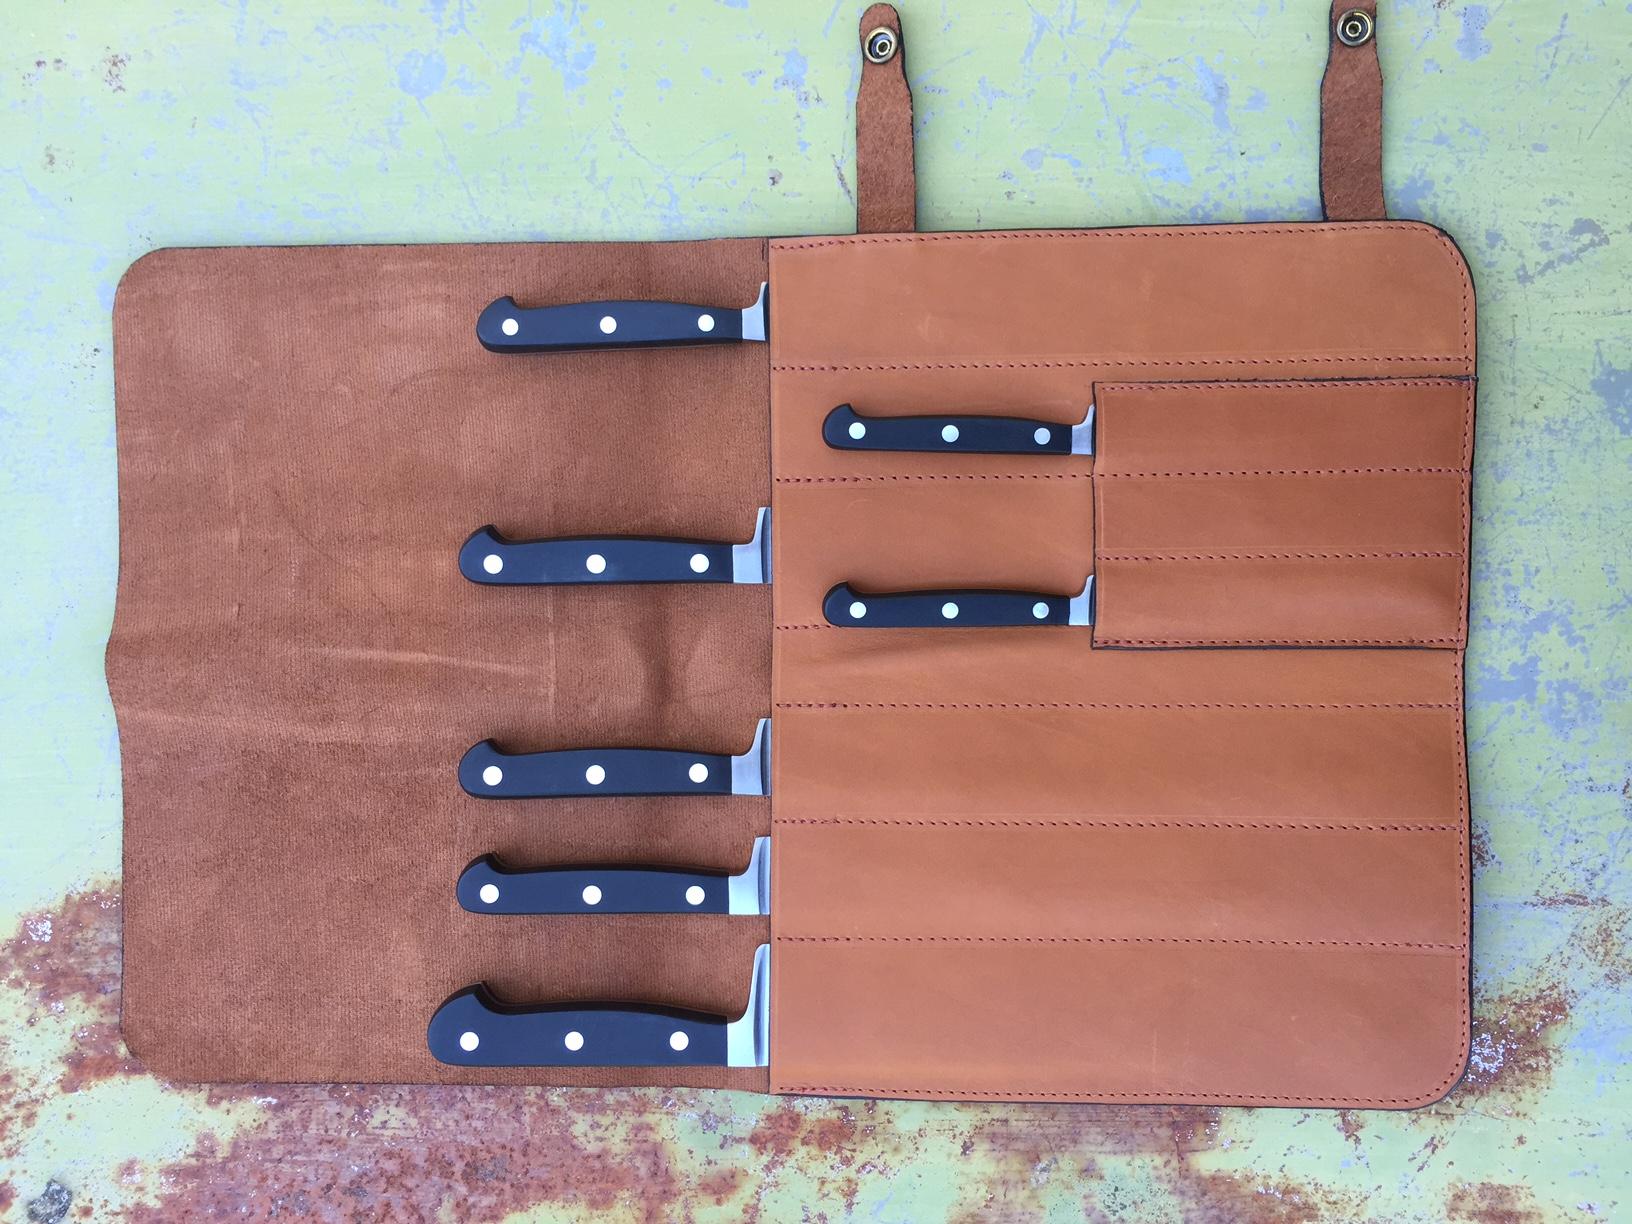 bloc et coffret de rangement de couteaux de cuisine professionnels. Black Bedroom Furniture Sets. Home Design Ideas